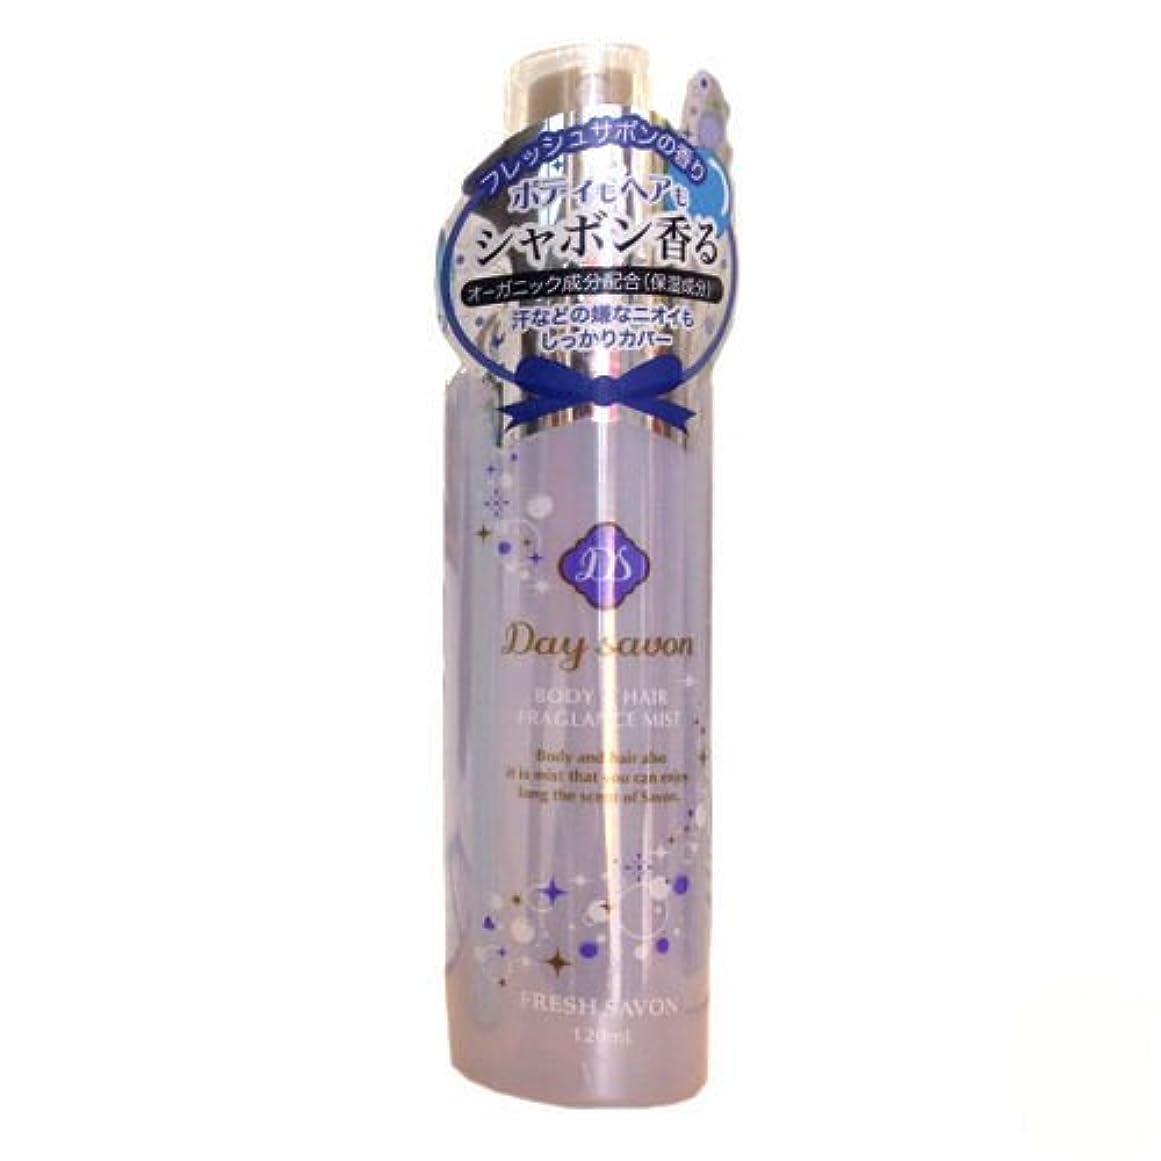 富士薬品 デイサボン ボディ&ヘアミスト フレッシュサボン(フレッシュな石鹸の香り)[化粧水] 120mL